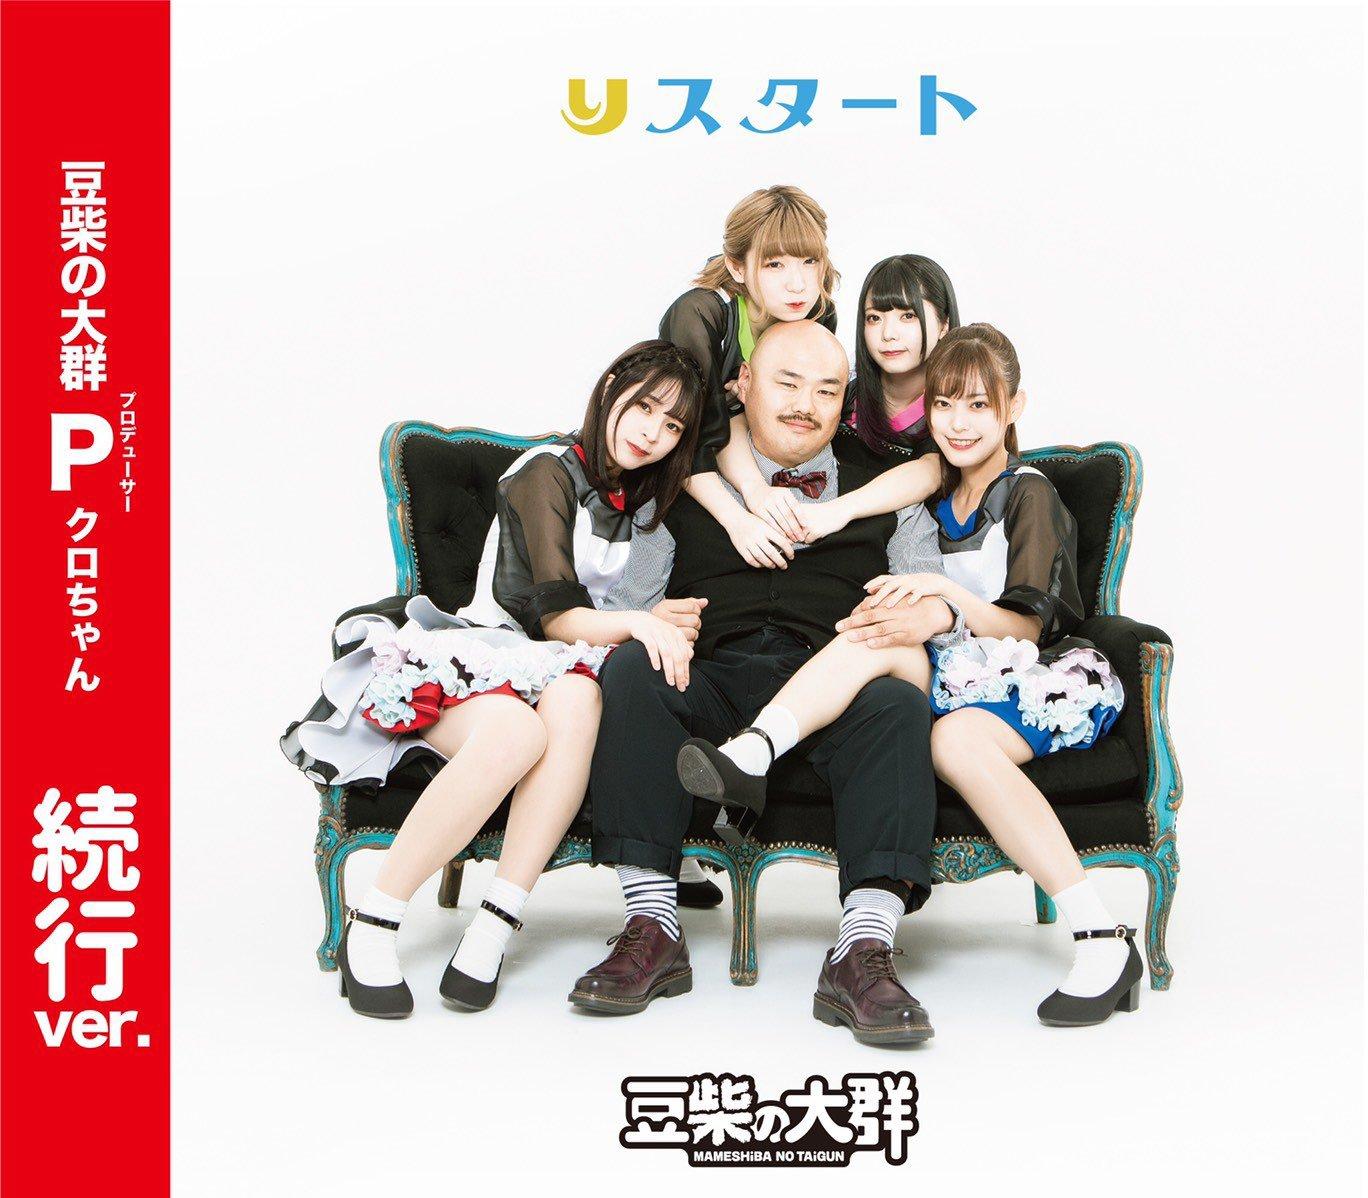 豆柴の大群 (まめしばのたいぐん) デビューシングル『りスタート』(続行Ver.) 高画質CDジャケット画像 (ジャケ写) 帯あり